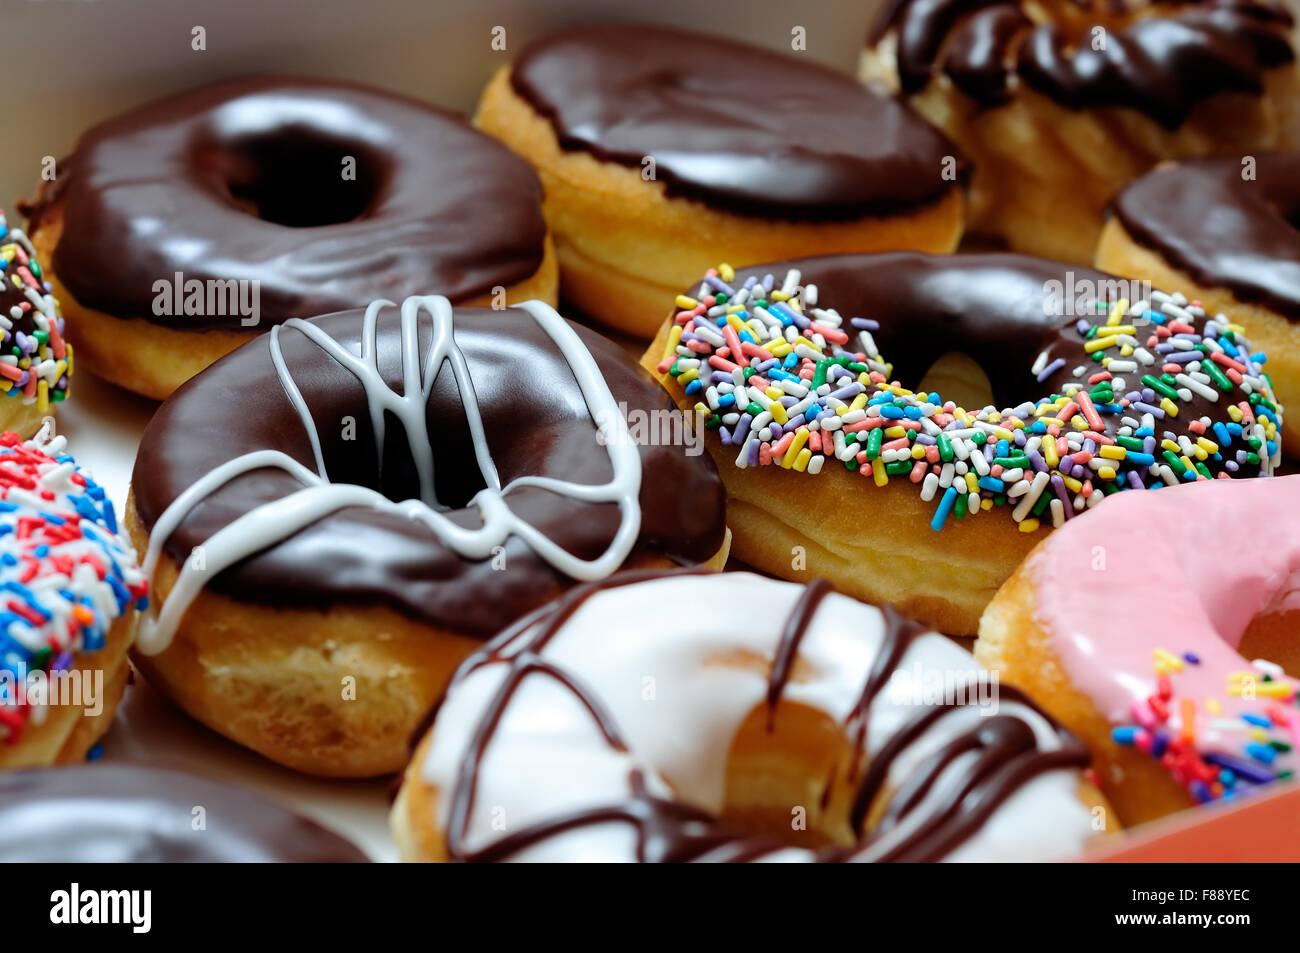 Bild von sortierten Donuts in einer Box mit Schokolade bereift, rosa glasiert und Streusel Donuts. Stockbild